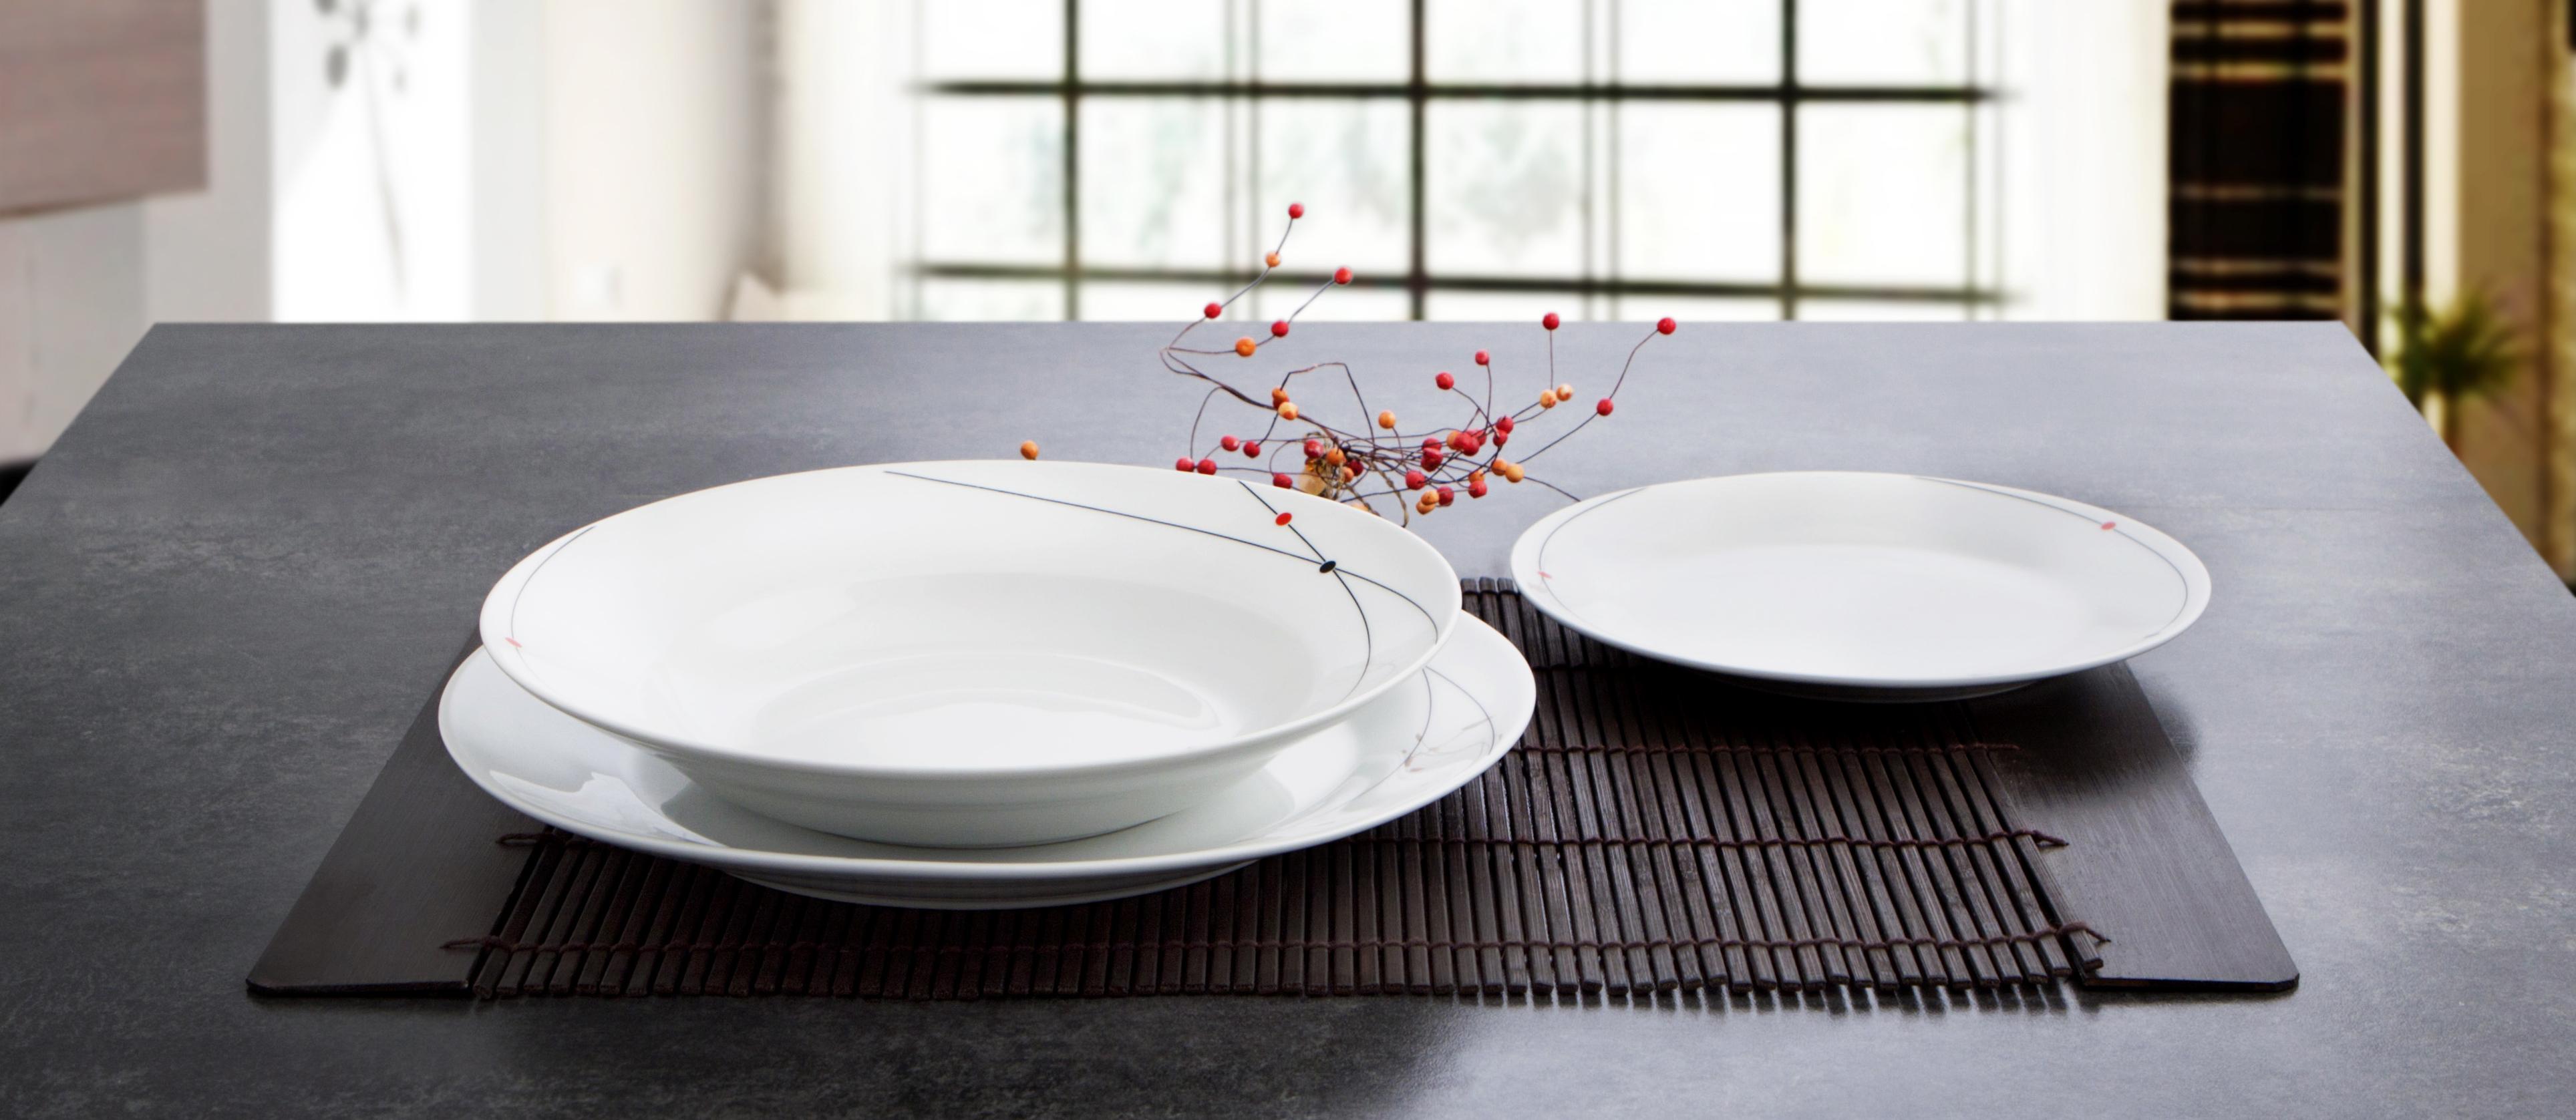 Vajilla de porcelana aretha el chef de la casa - Vajilla de porcelana ...